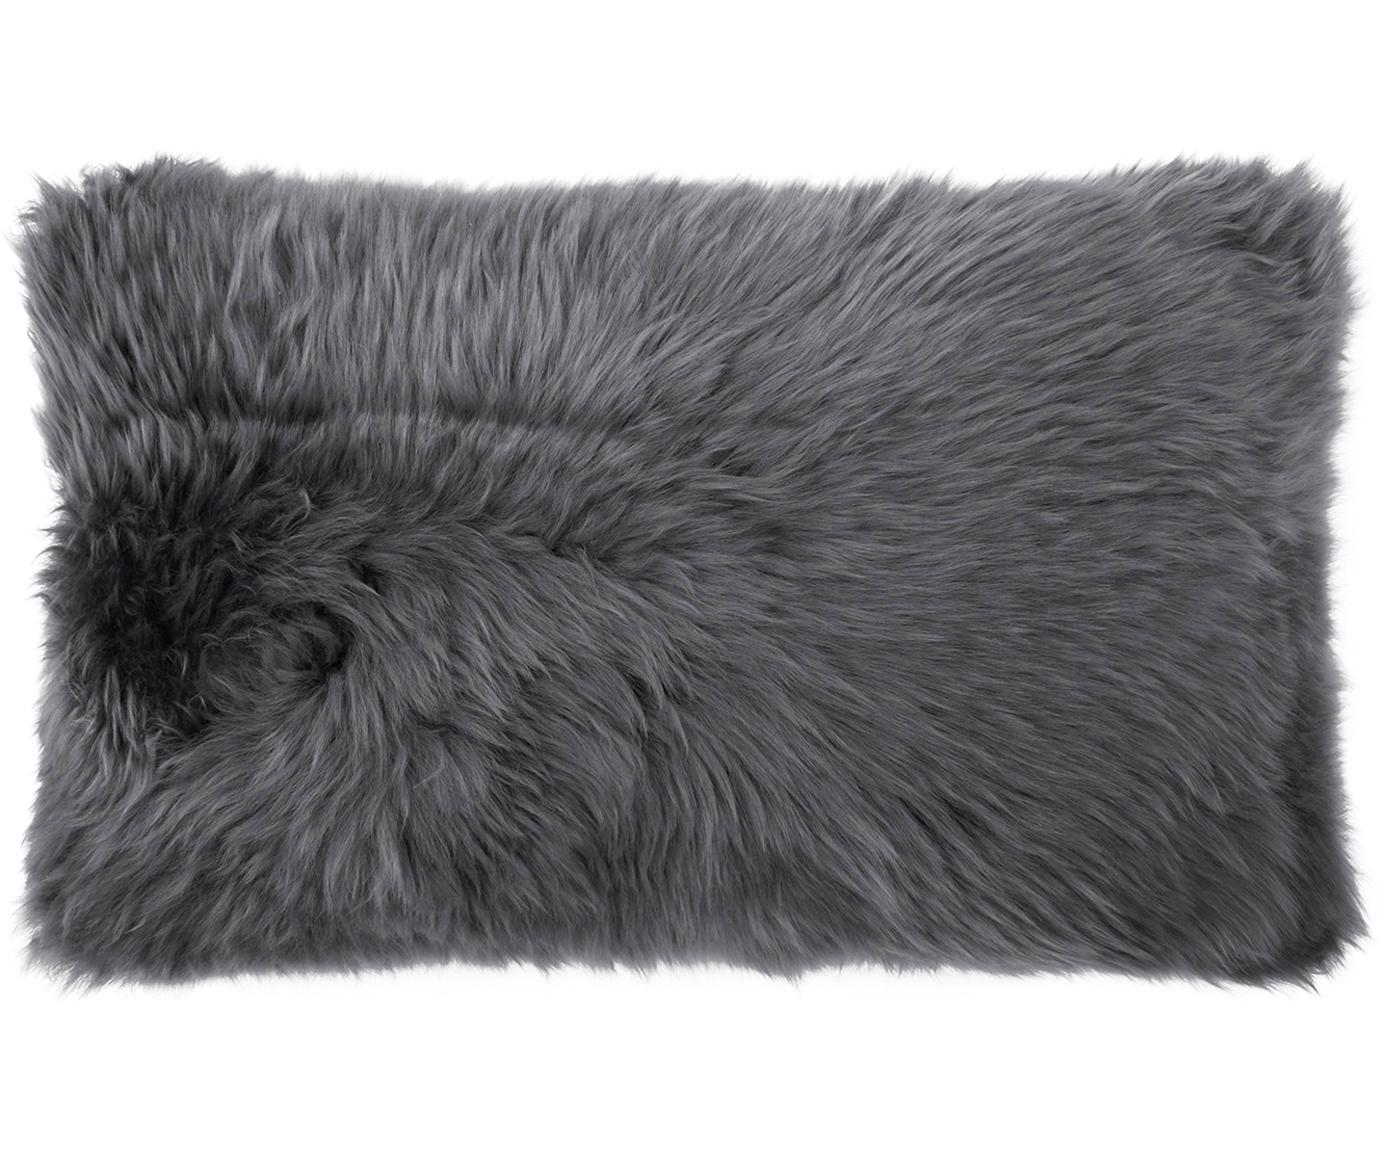 Kussenhoes van schapenvacht Oslo, glad, Voorzijde: donkergrijs Achterzijde: donkergrijs, 30 x 50 cm